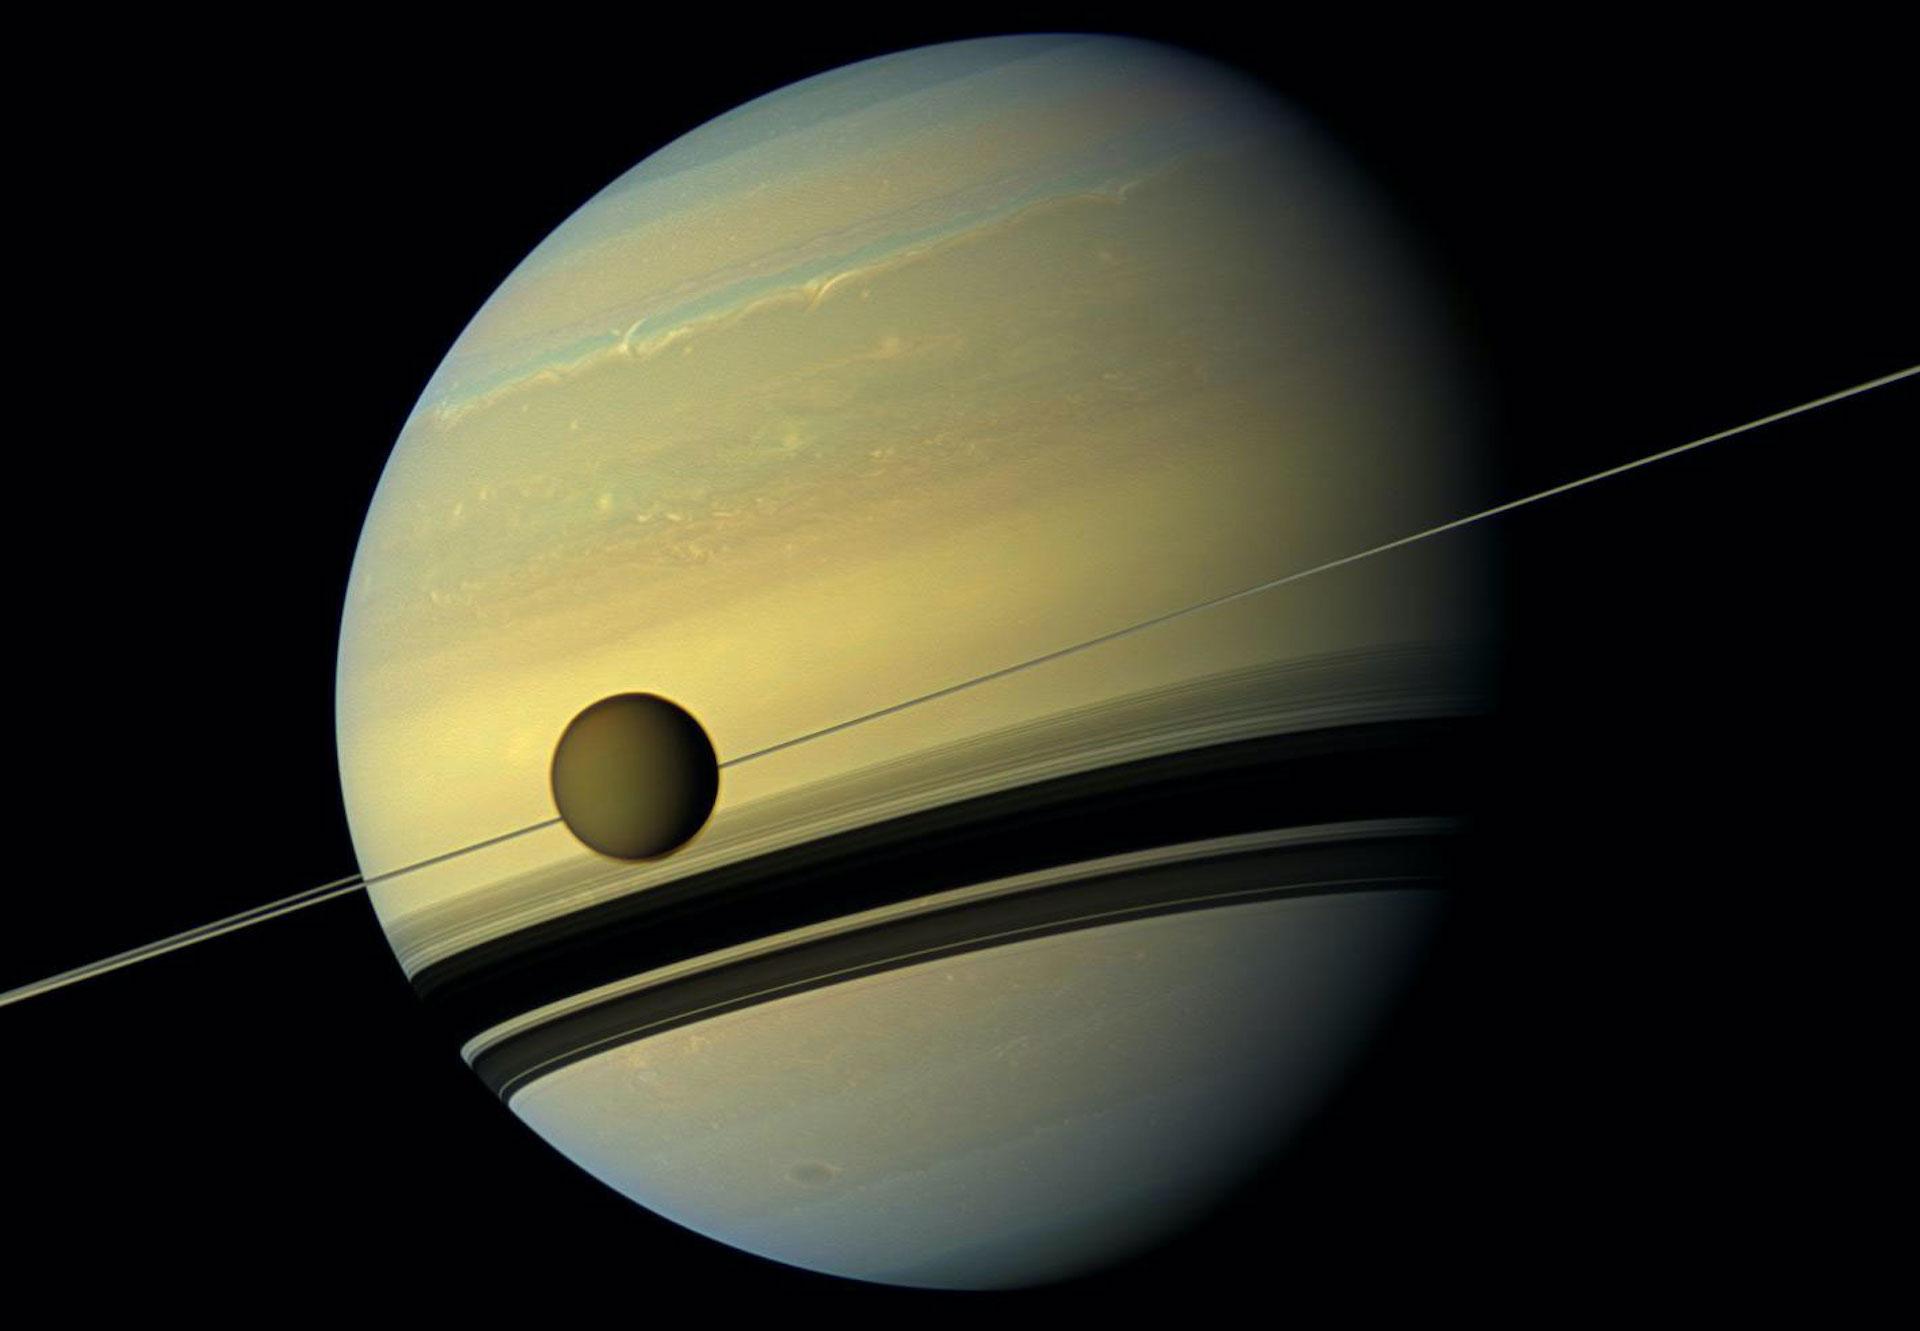 El satélite Titán de Saturno se aleja cada vez más del planeta